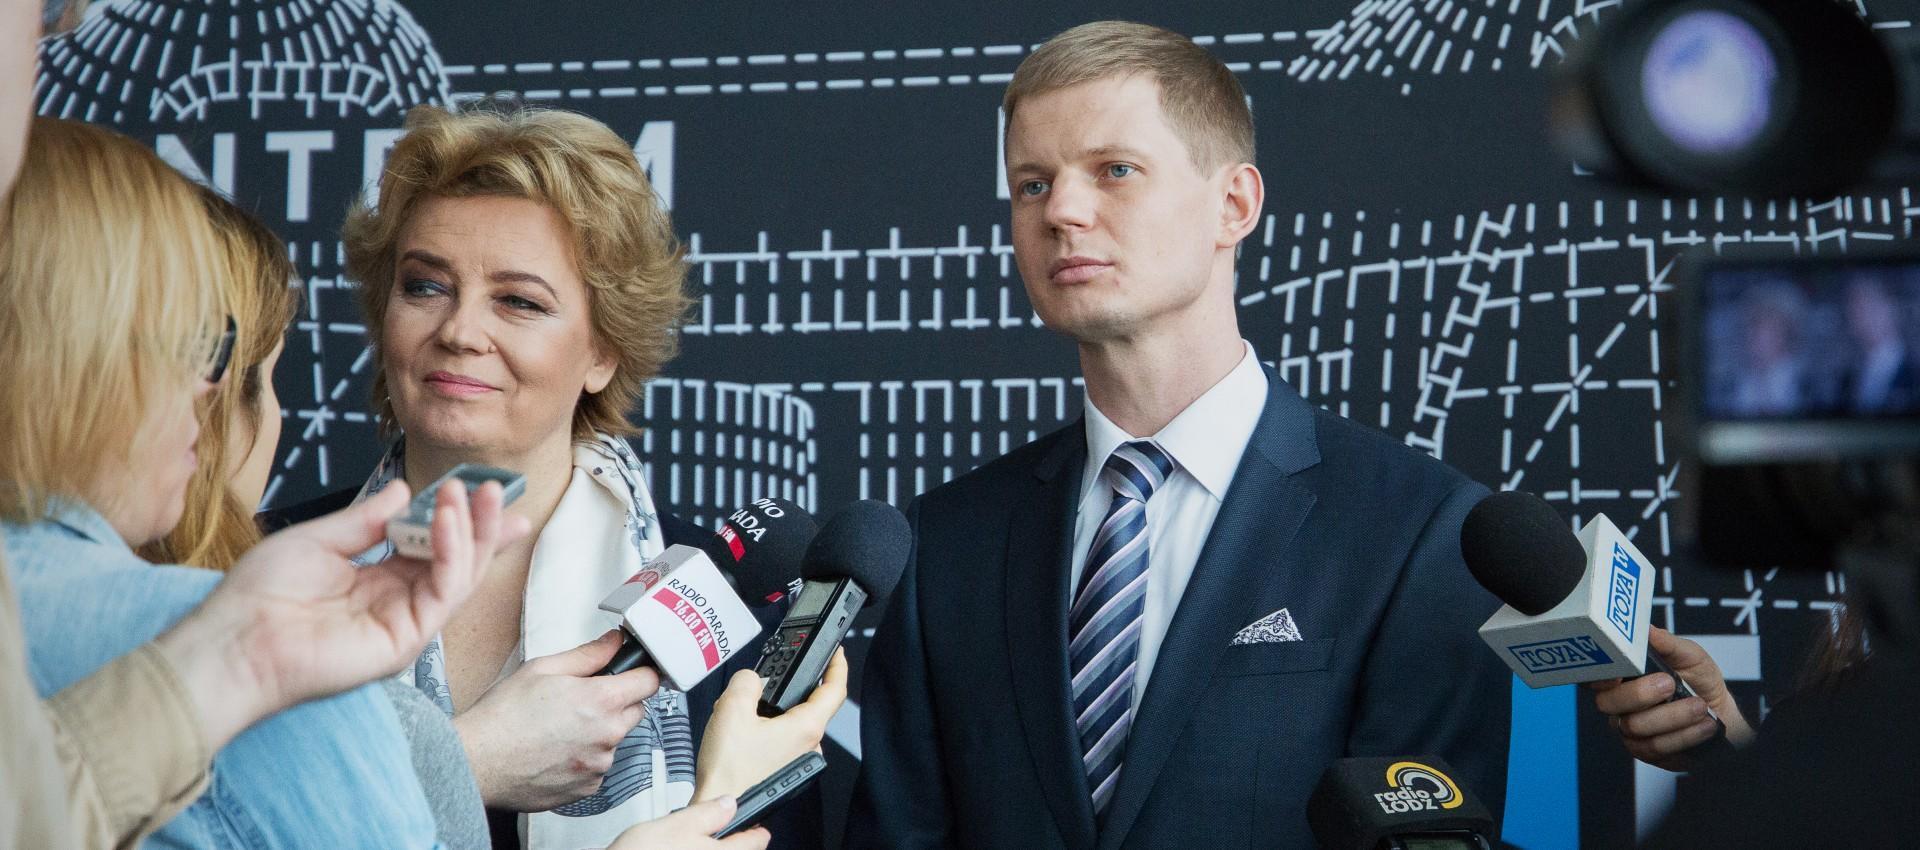 Projekt NCKF za 26 mln zł